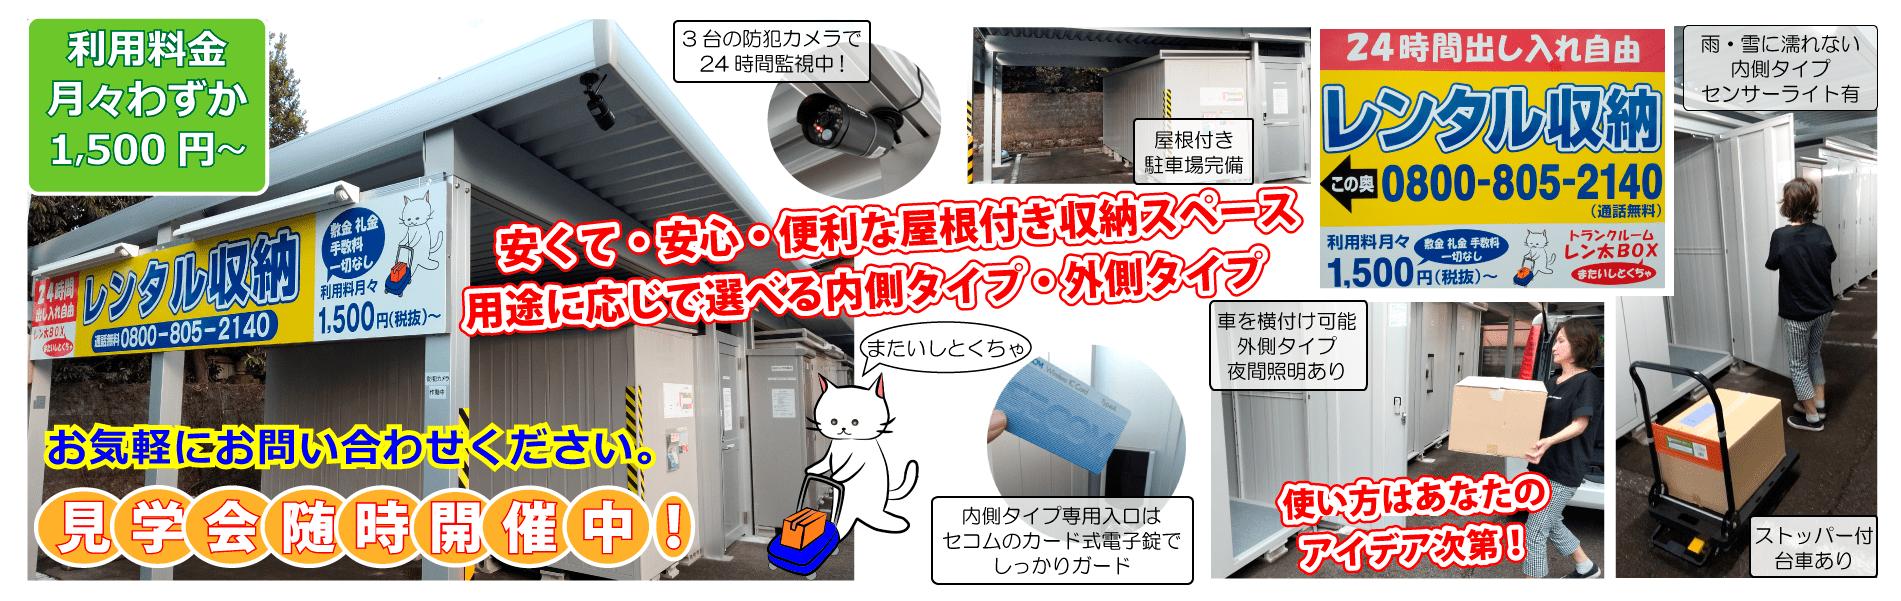 富山のトランクルーム レン太BOXにまたいしとくちゃ